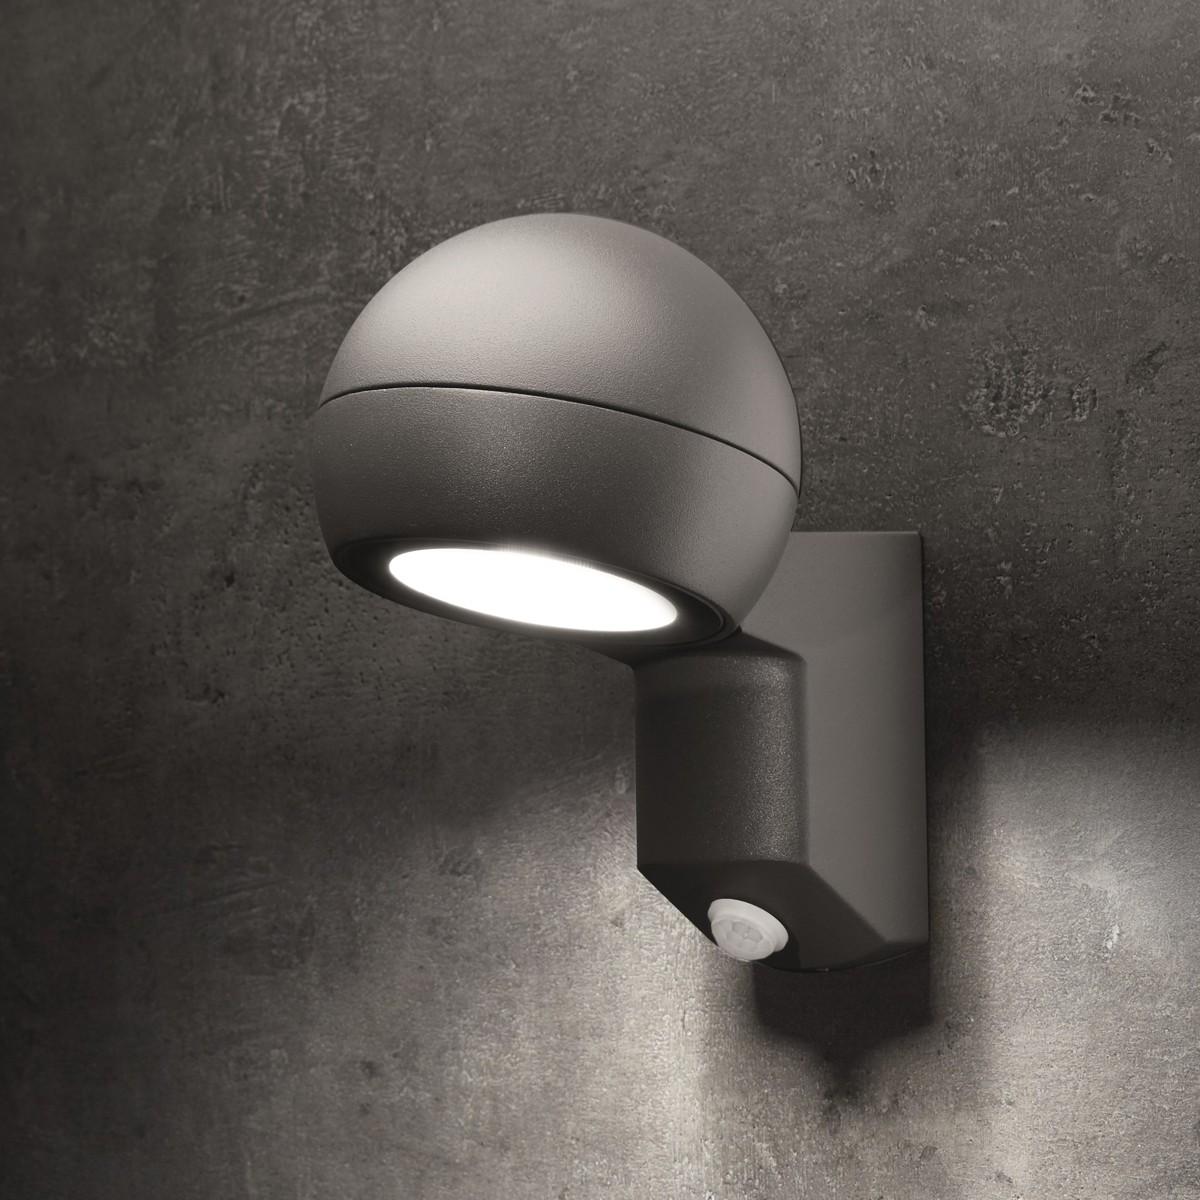 Lupia Licht Testa Außenwandleuchte, mit Sensor, anthrazit